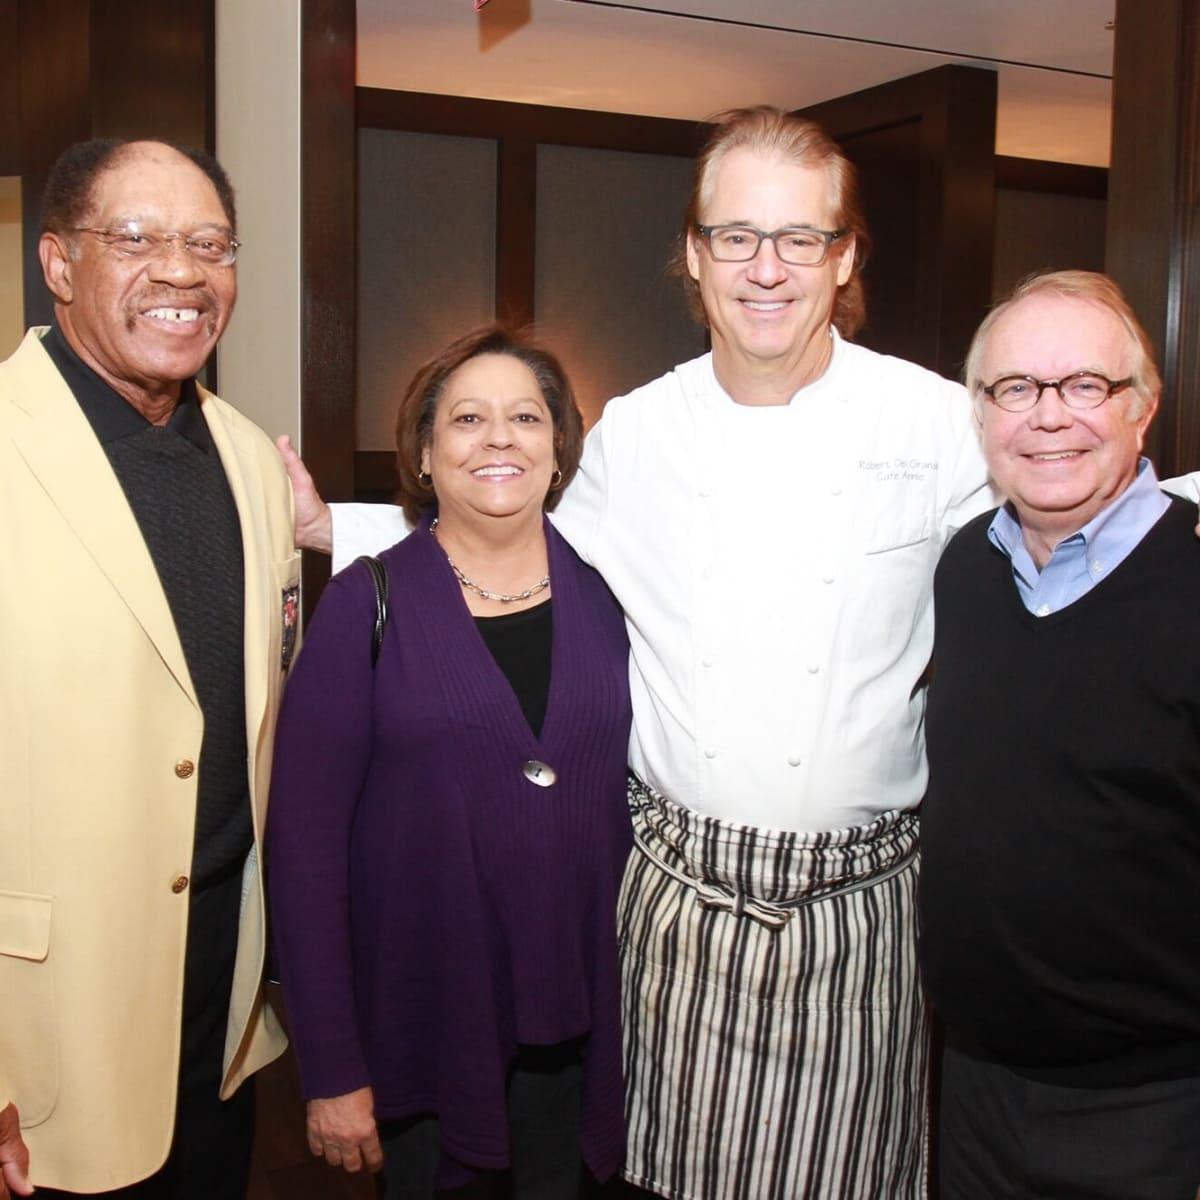 Taste of NFL brunch preview, Elvin Bethea, Pat Bethea, Cafe Annie chef Robert Del Grande, Wayne Kostroski.